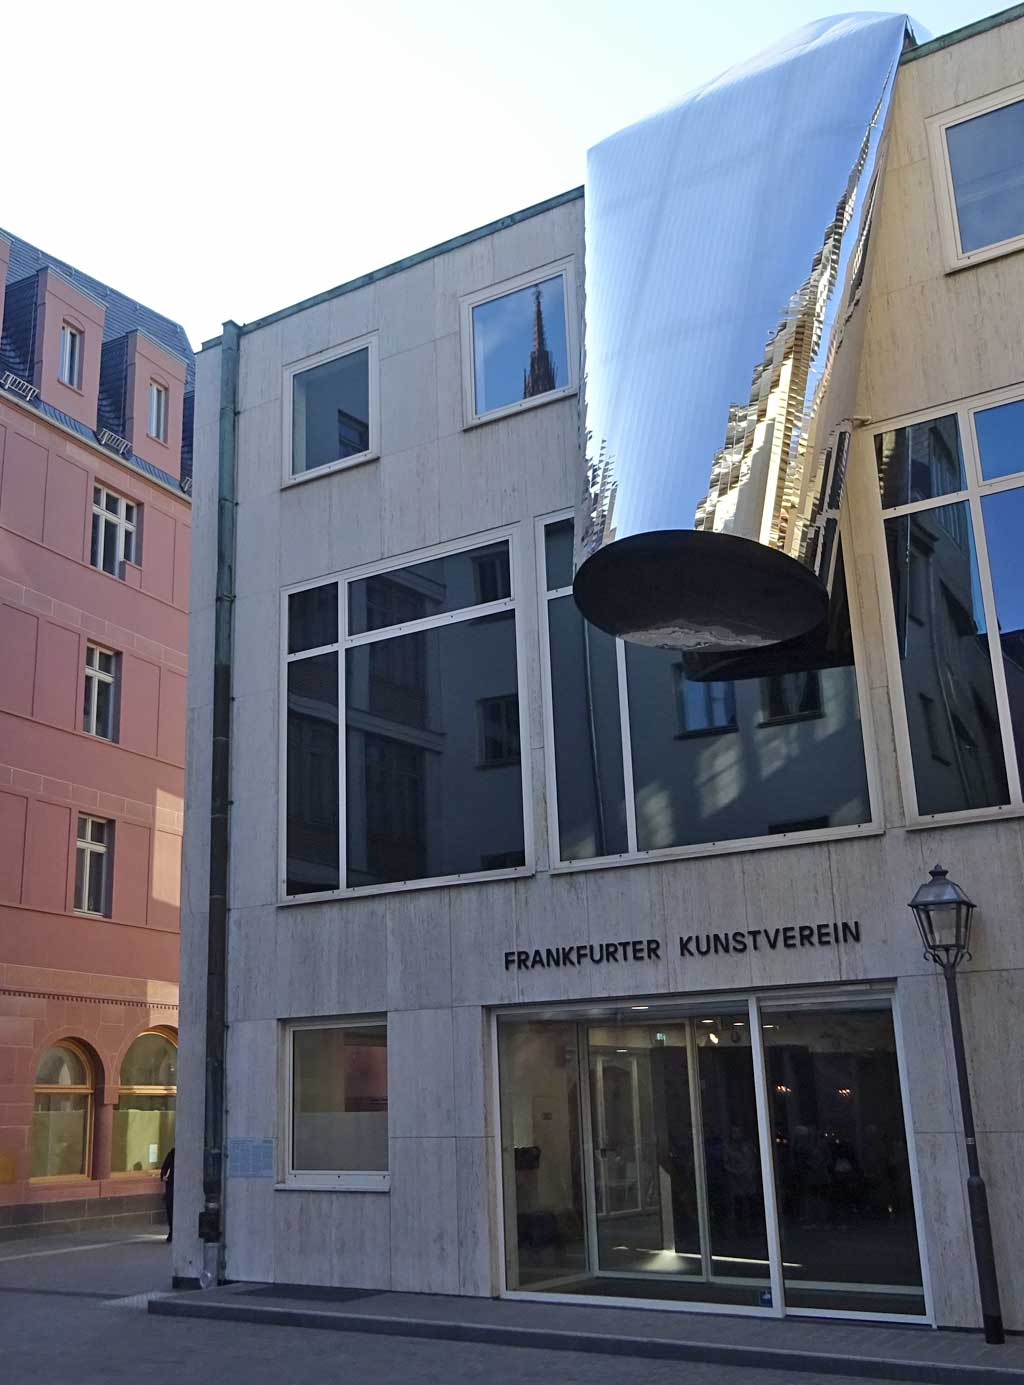 Außenskulptur am FKV in der neuen Frankfurter Altstadt